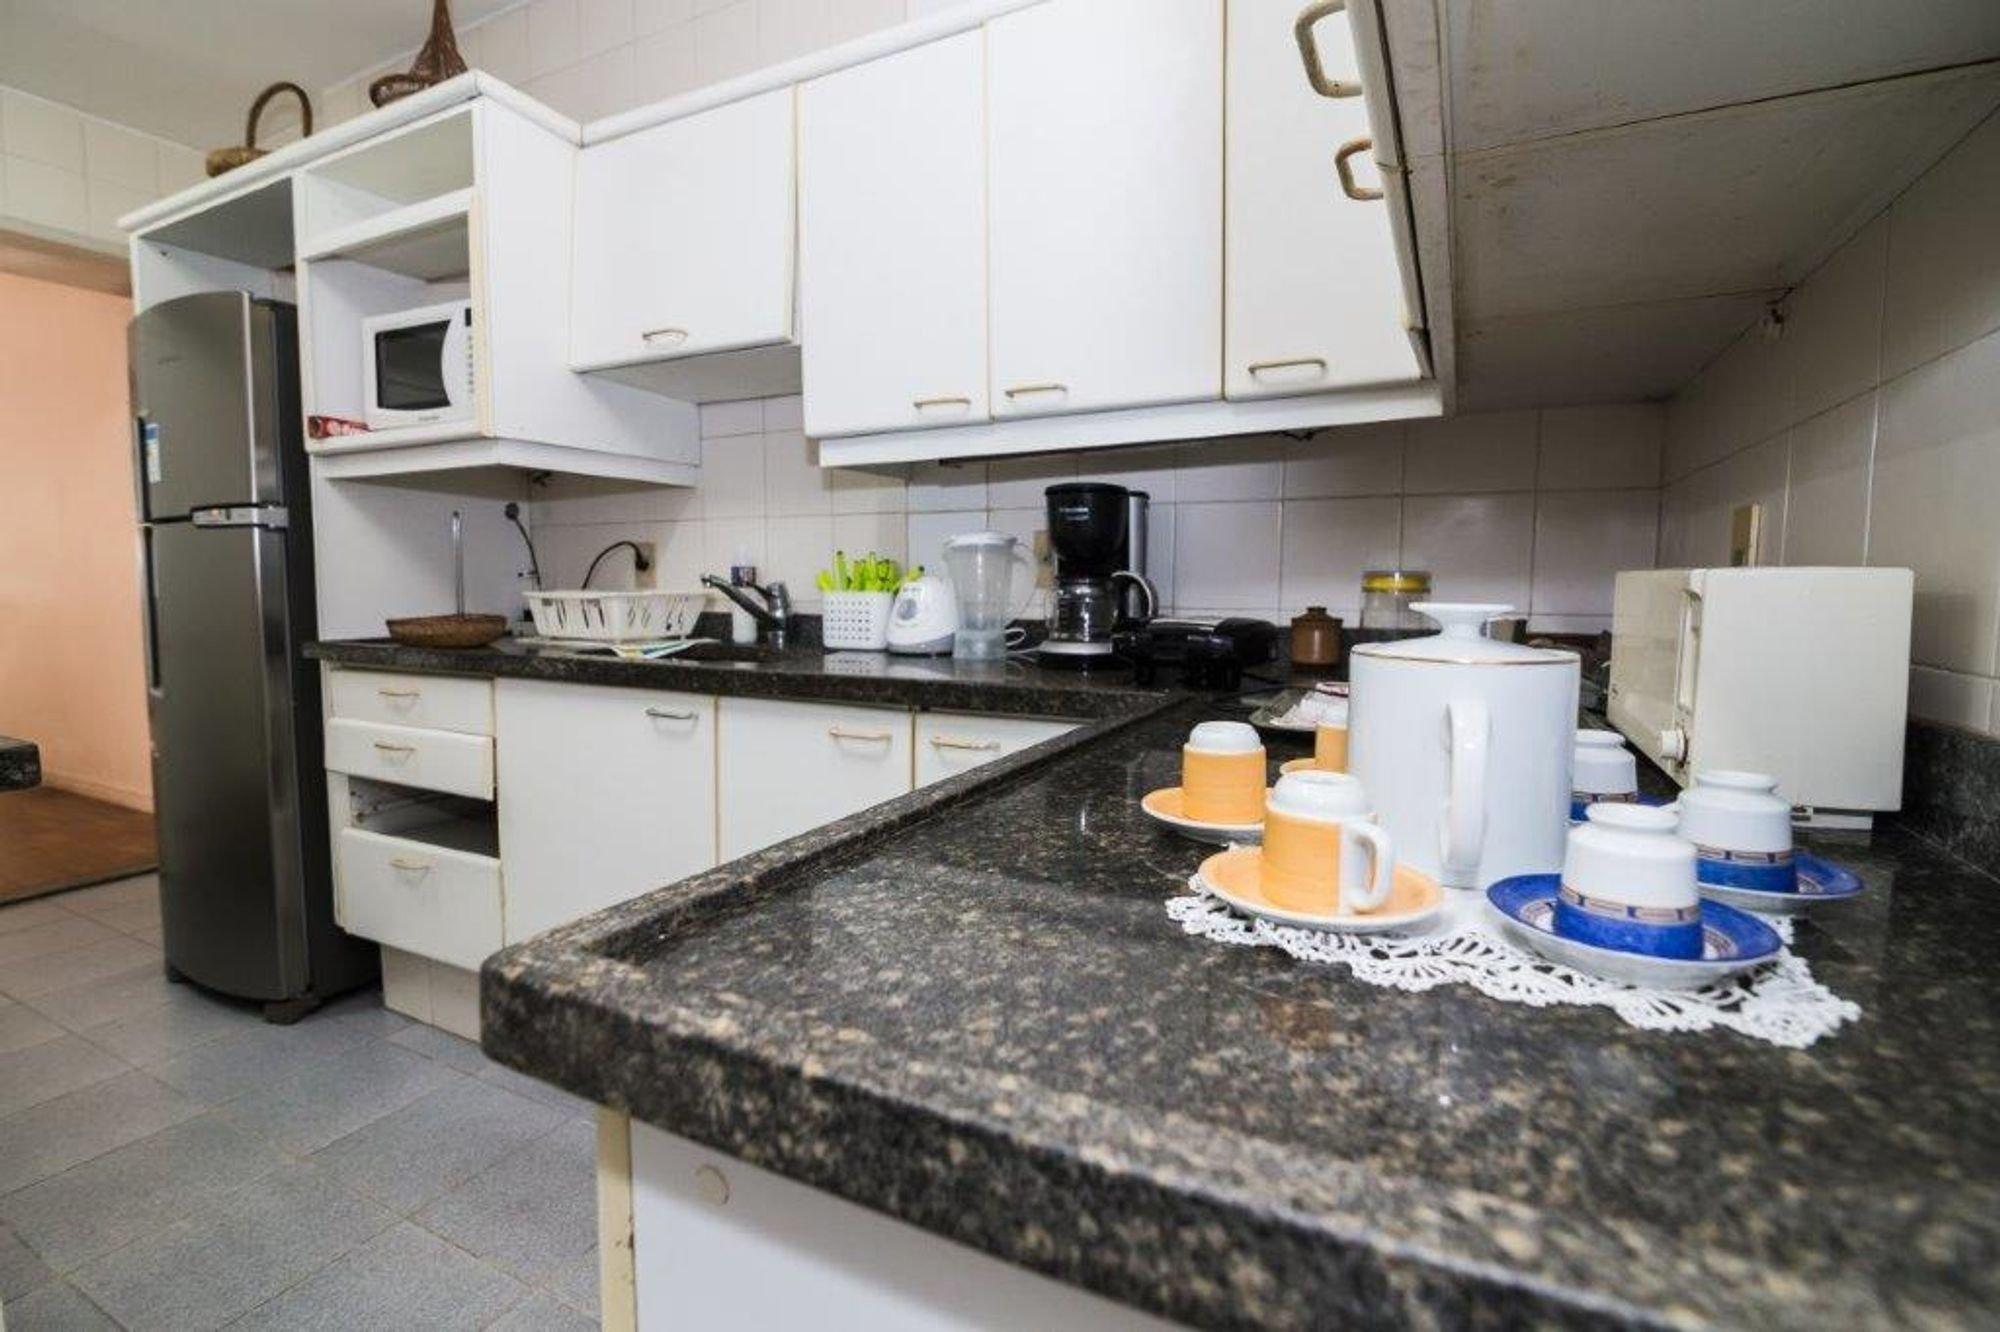 Foto de Cozinha com garrafa, tigela, geladeira, microondas, xícara